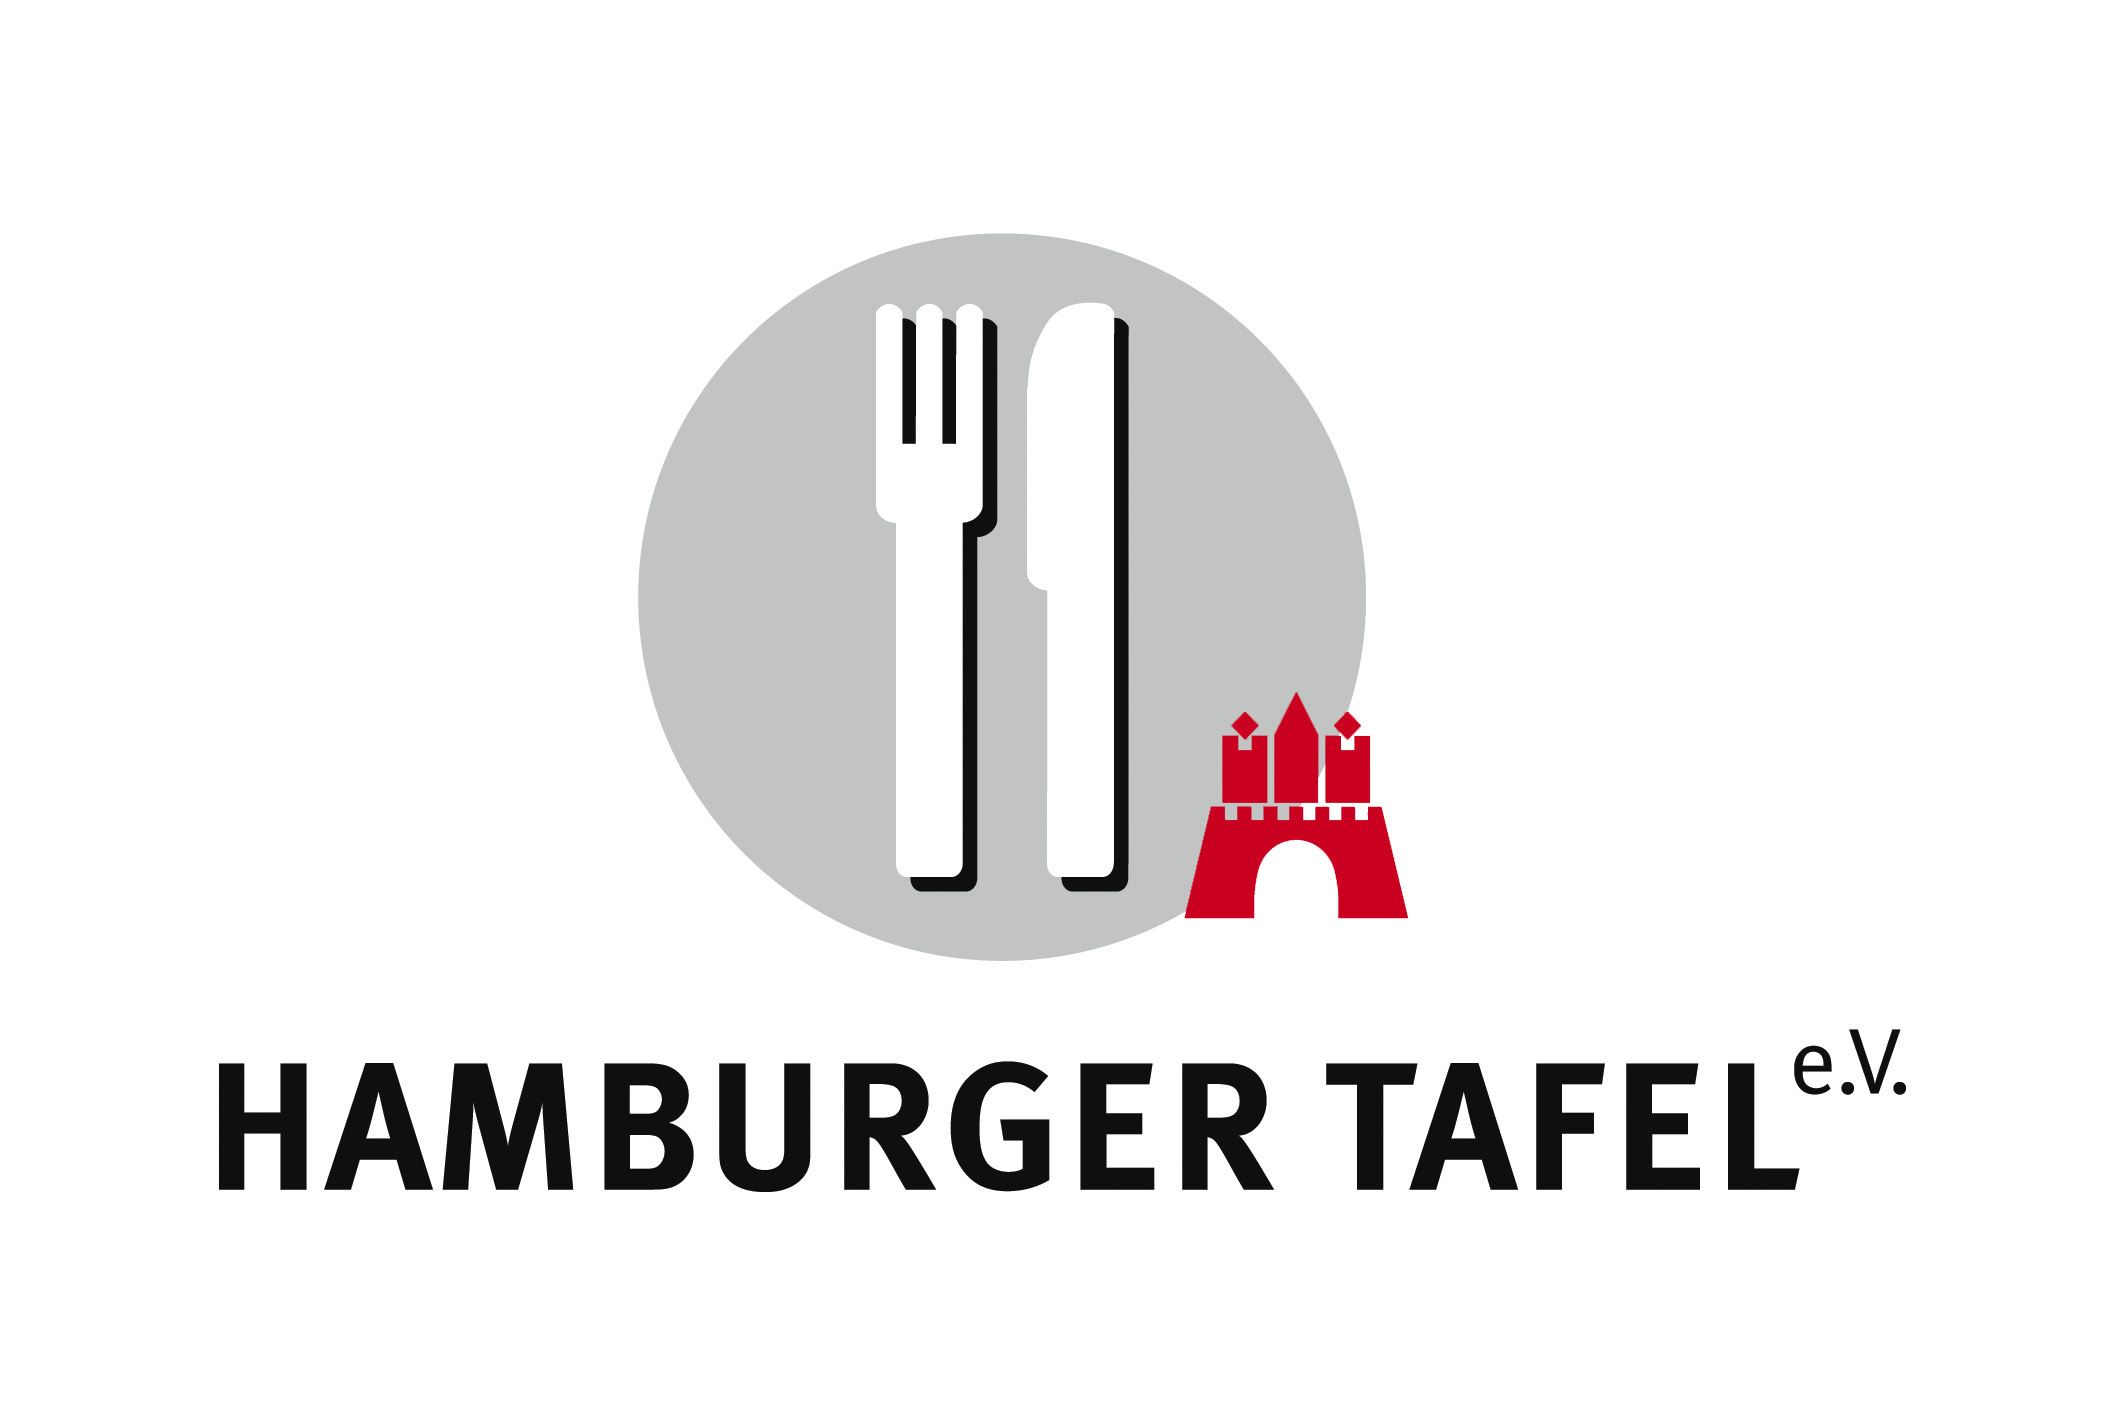 Hamburger Tafel